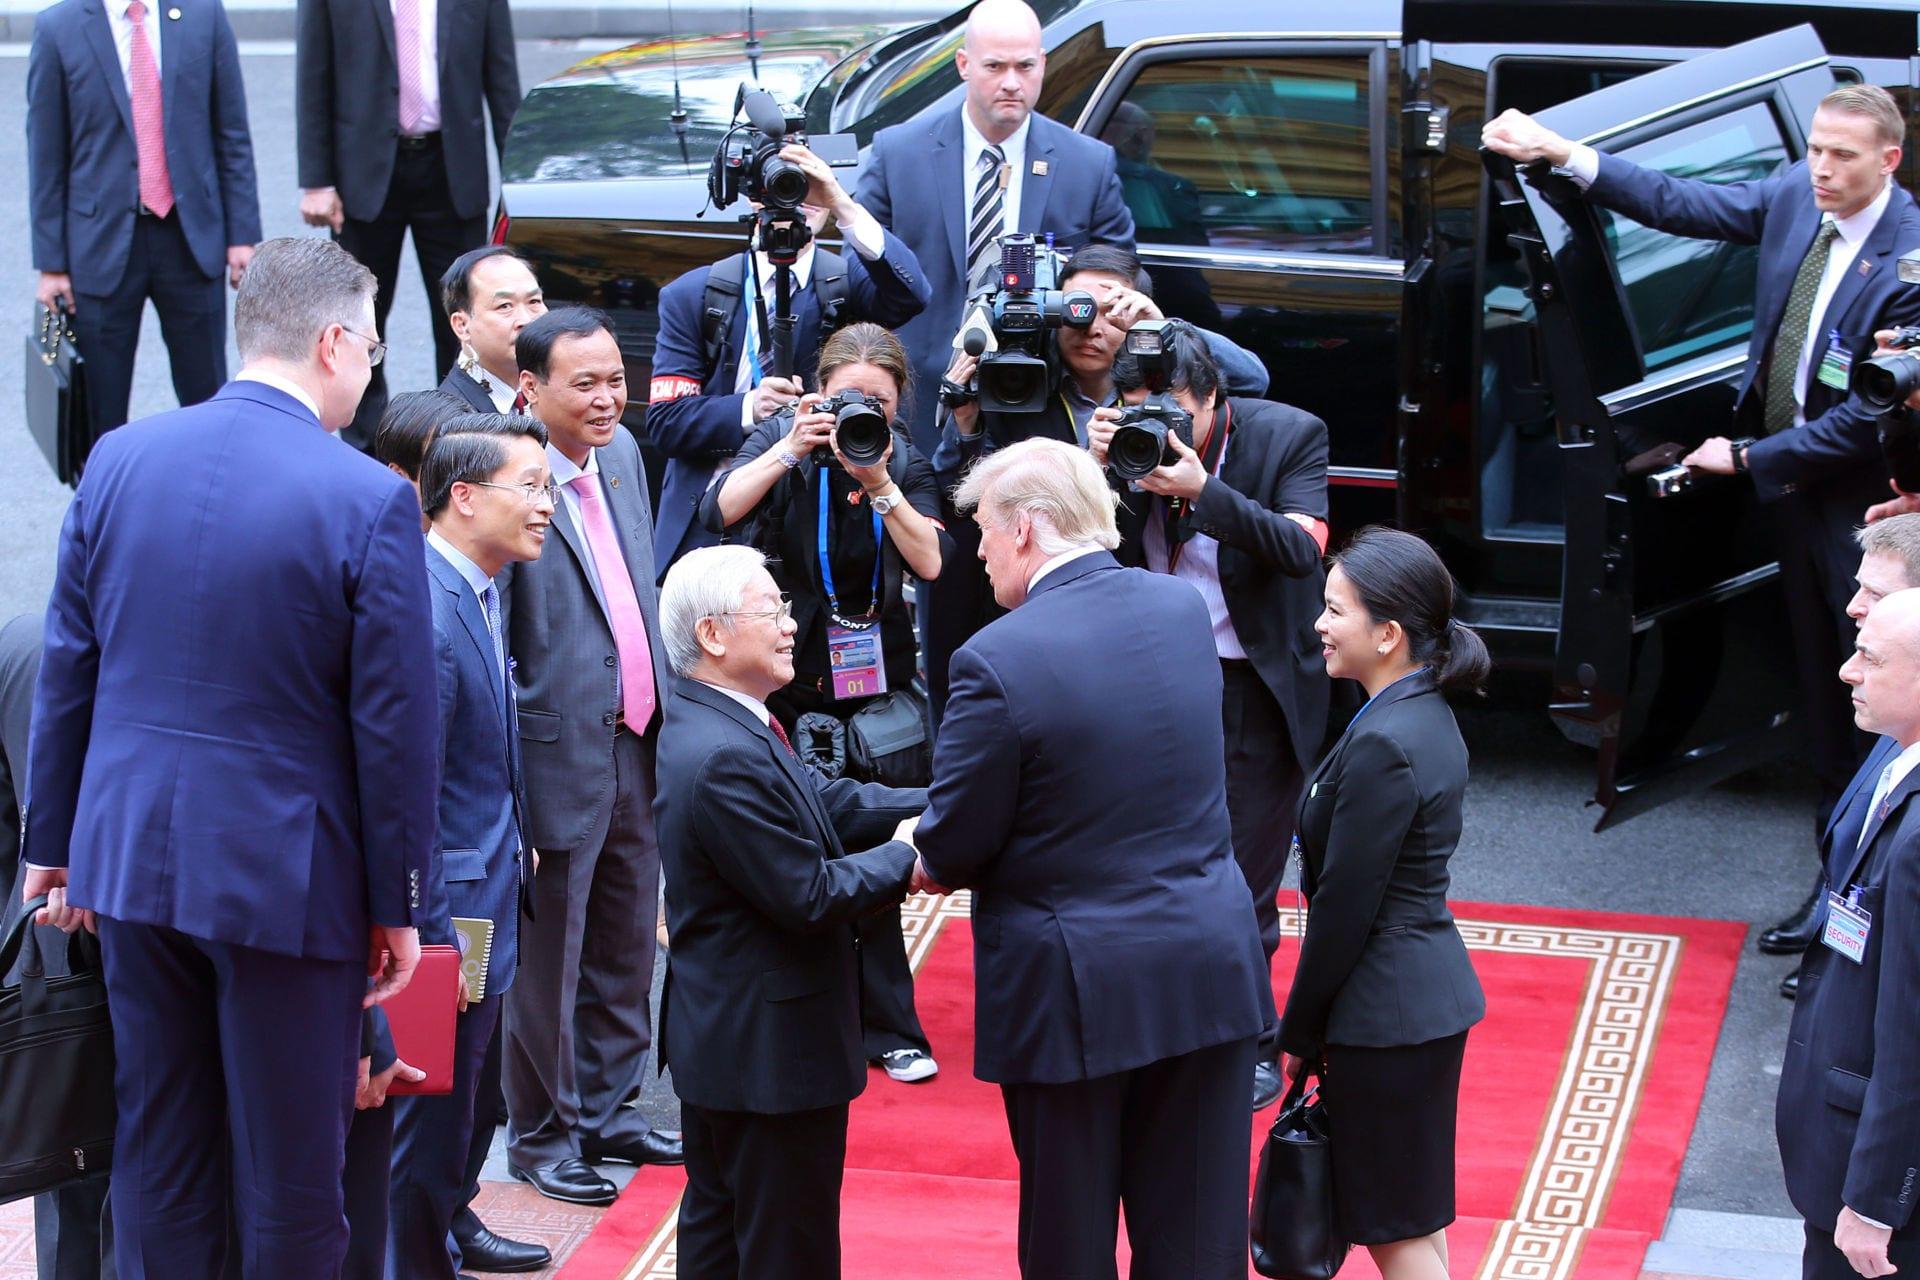 Kết quả hình ảnh cho Mối quan hệ Hoa Kỳ-Việt Nam-Trung Quốc ra sao khi ông Trọng không đi Mỹ?